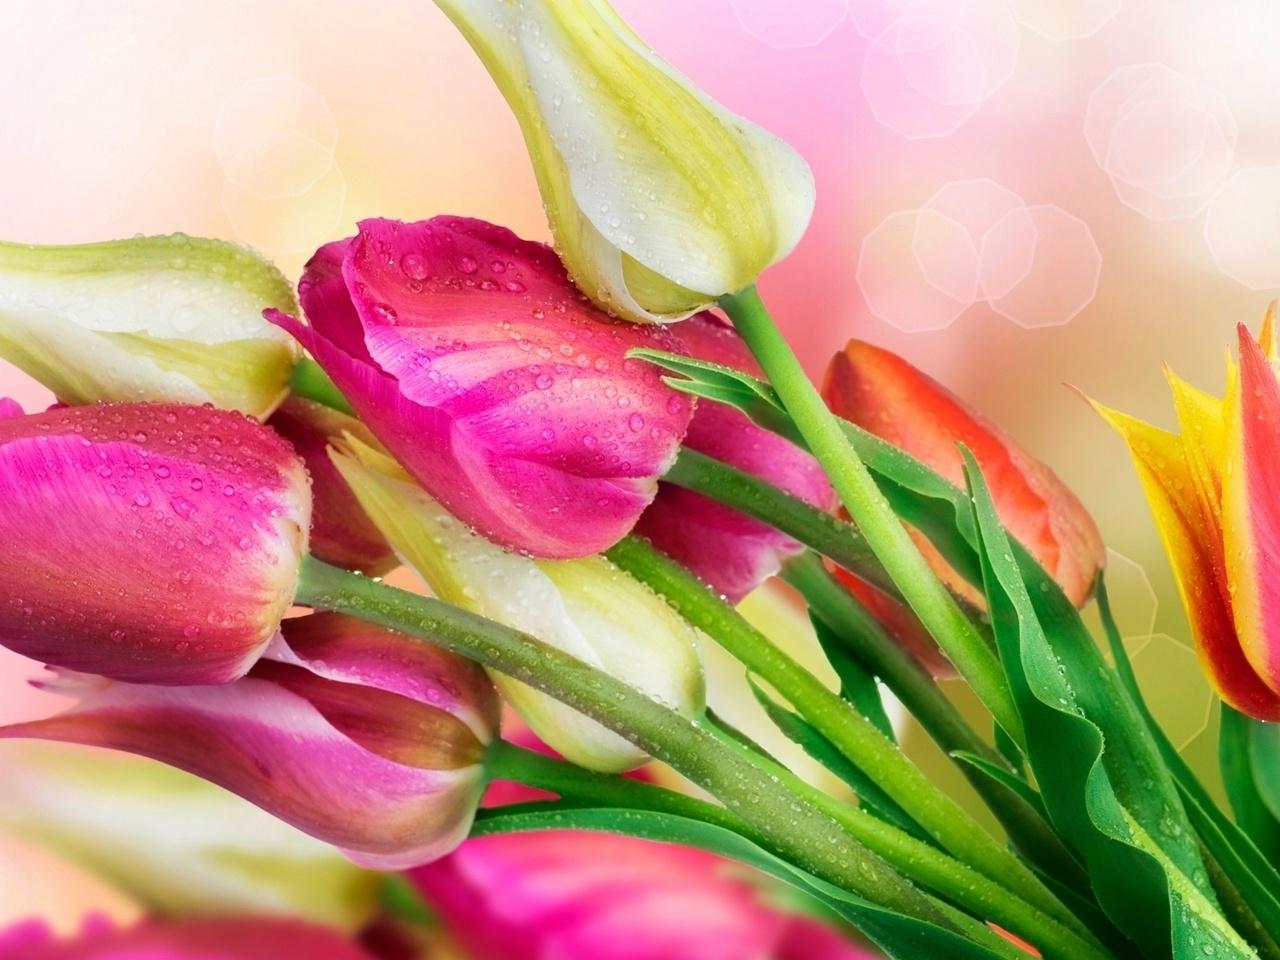 38650 скачать обои Растения, Цветы, Тюльпаны - заставки и картинки бесплатно